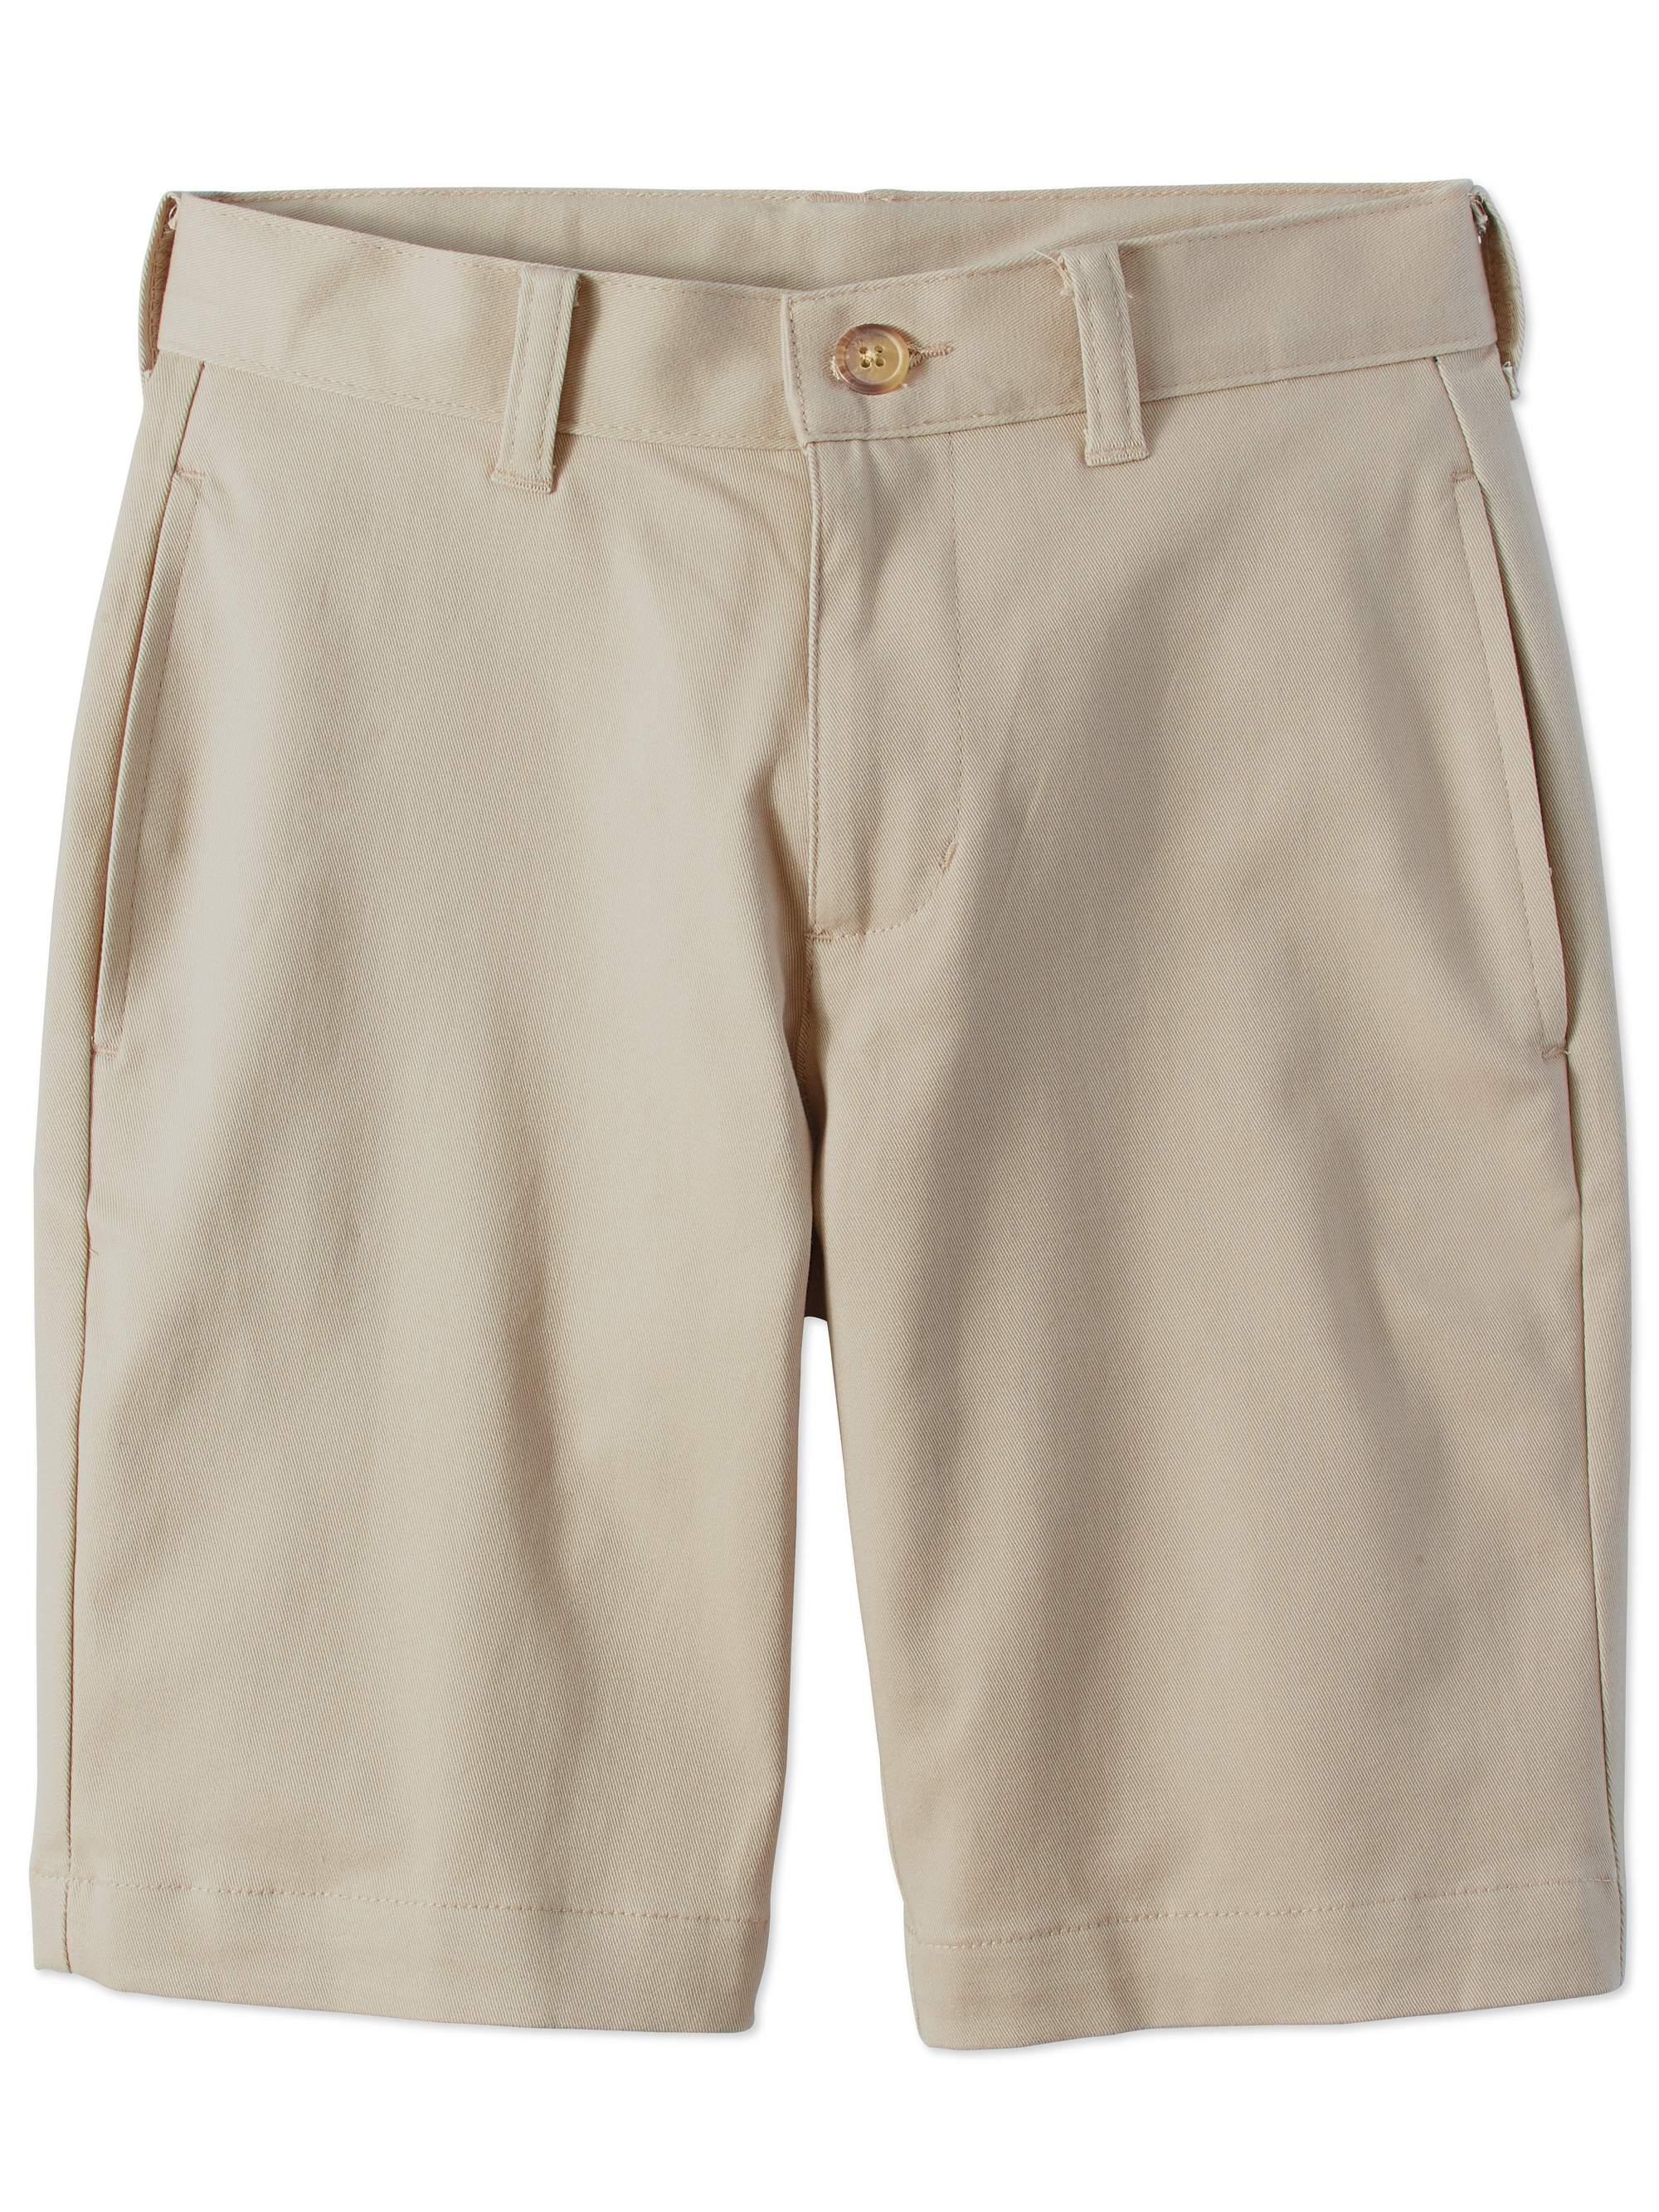 Boys Prep School Uniform Super Soft Flat Front Shorts